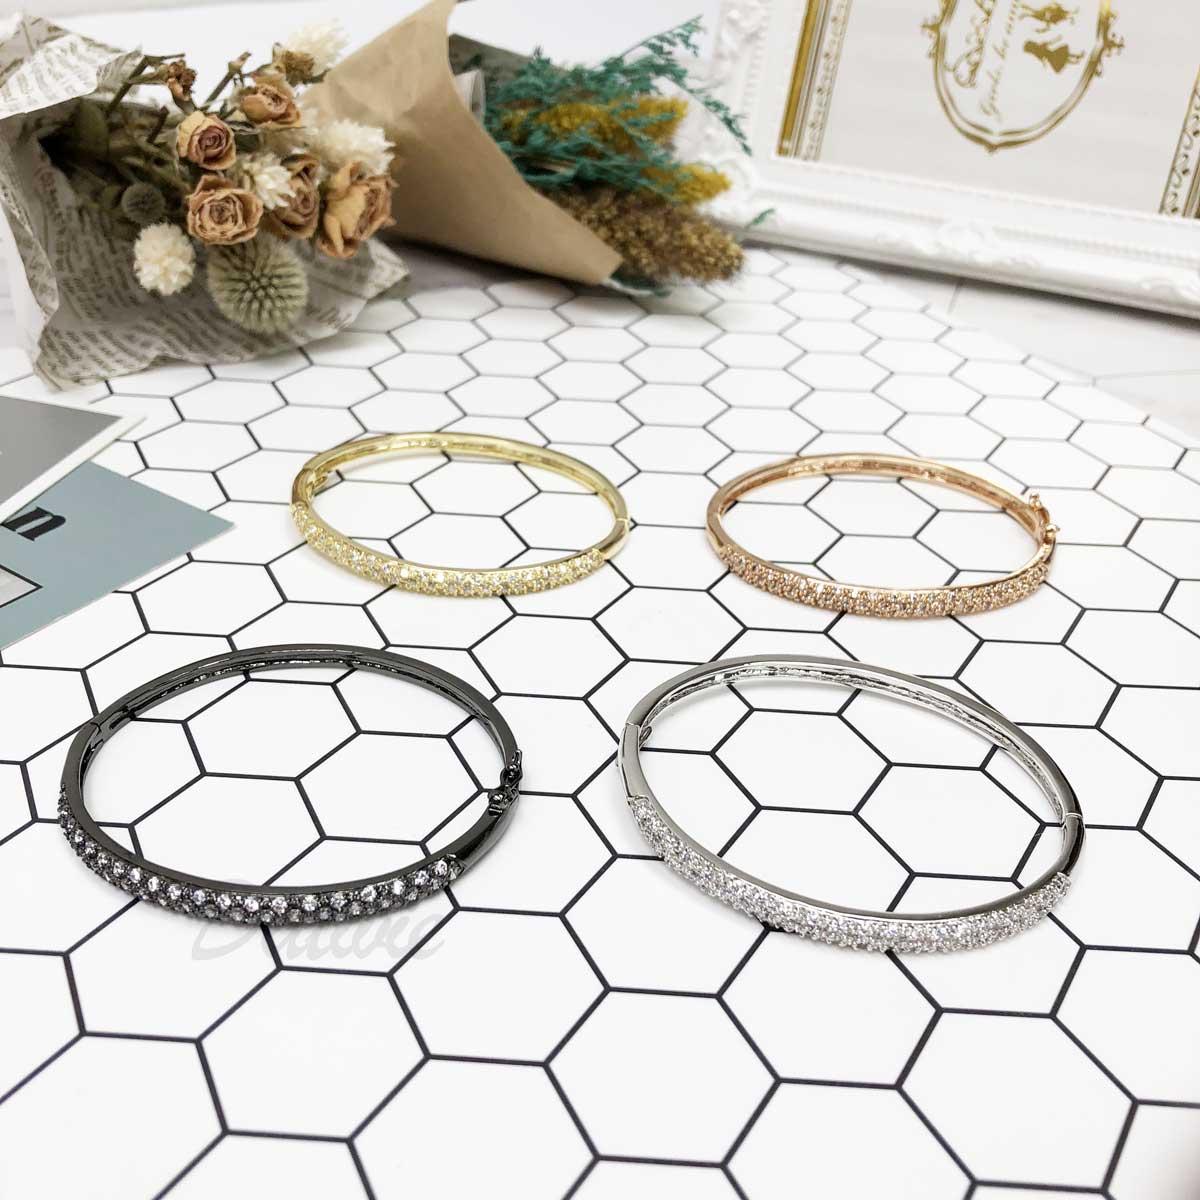 經典 簡單 鑲鑽 玫瑰金 金 銀 黑 氣質款 手環 手飾